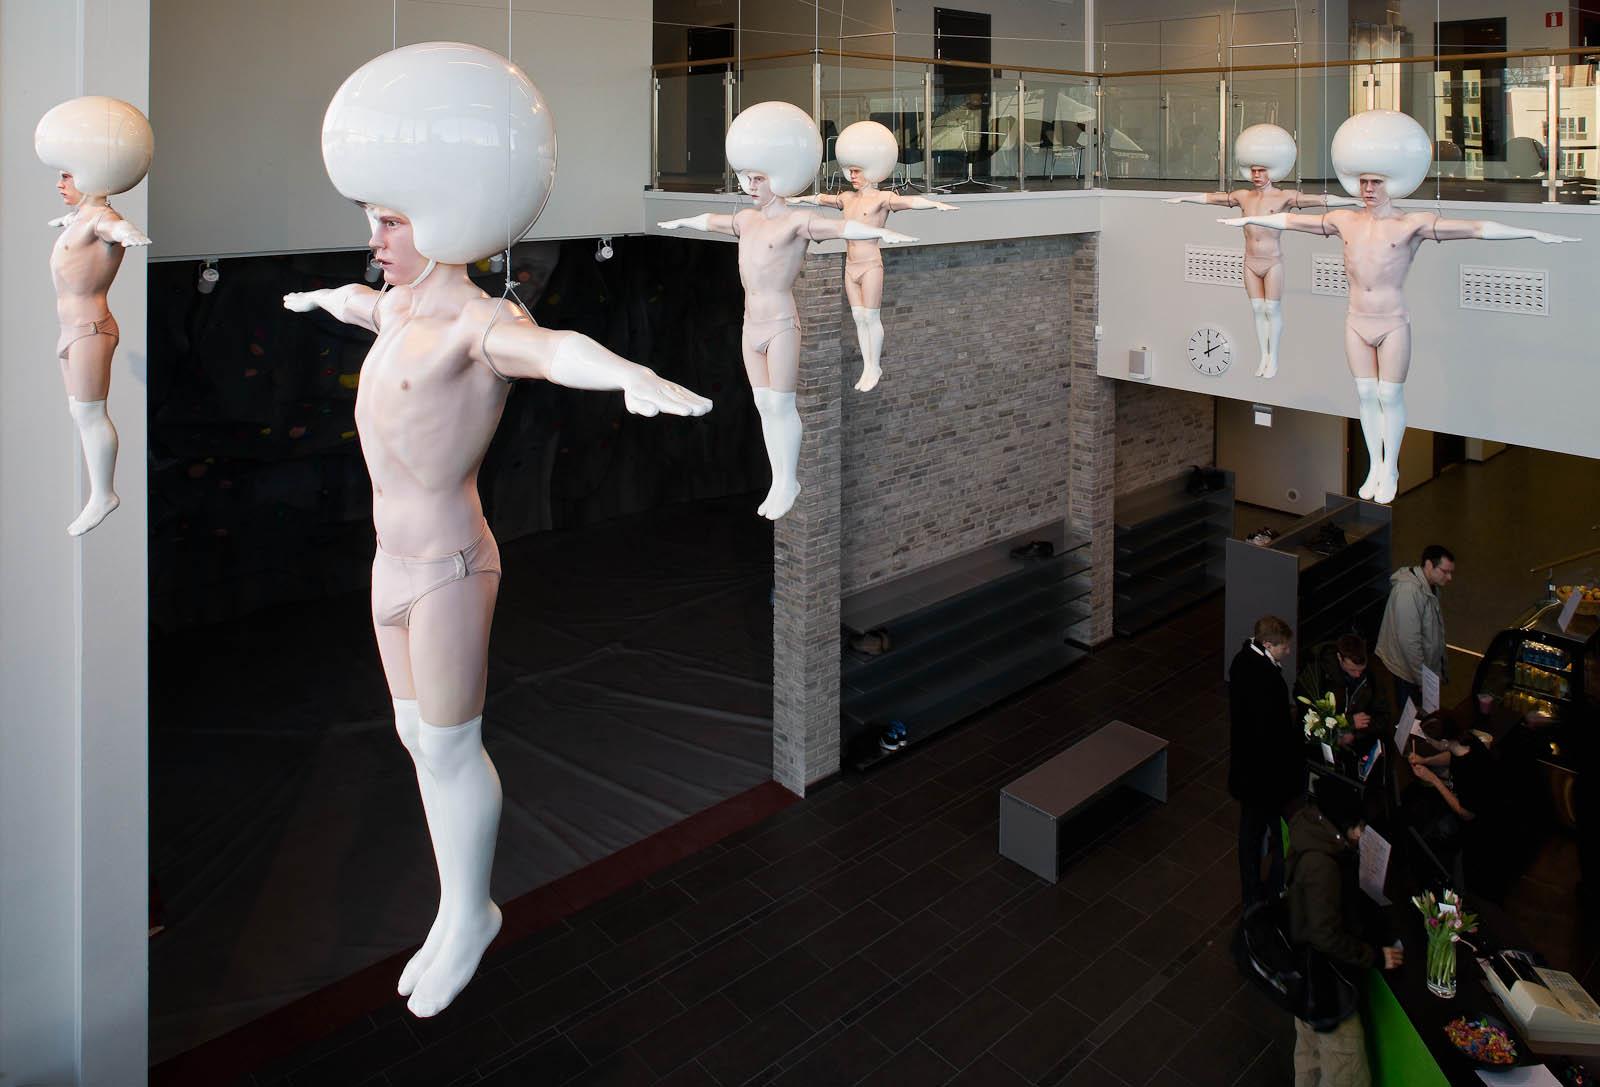 Nedanför de upphängda skulpturerna finns en kafeteria där personer handlar. Christian Pontus Andersson, A Joyful Troop of Perfection, with crying sensitive hearts